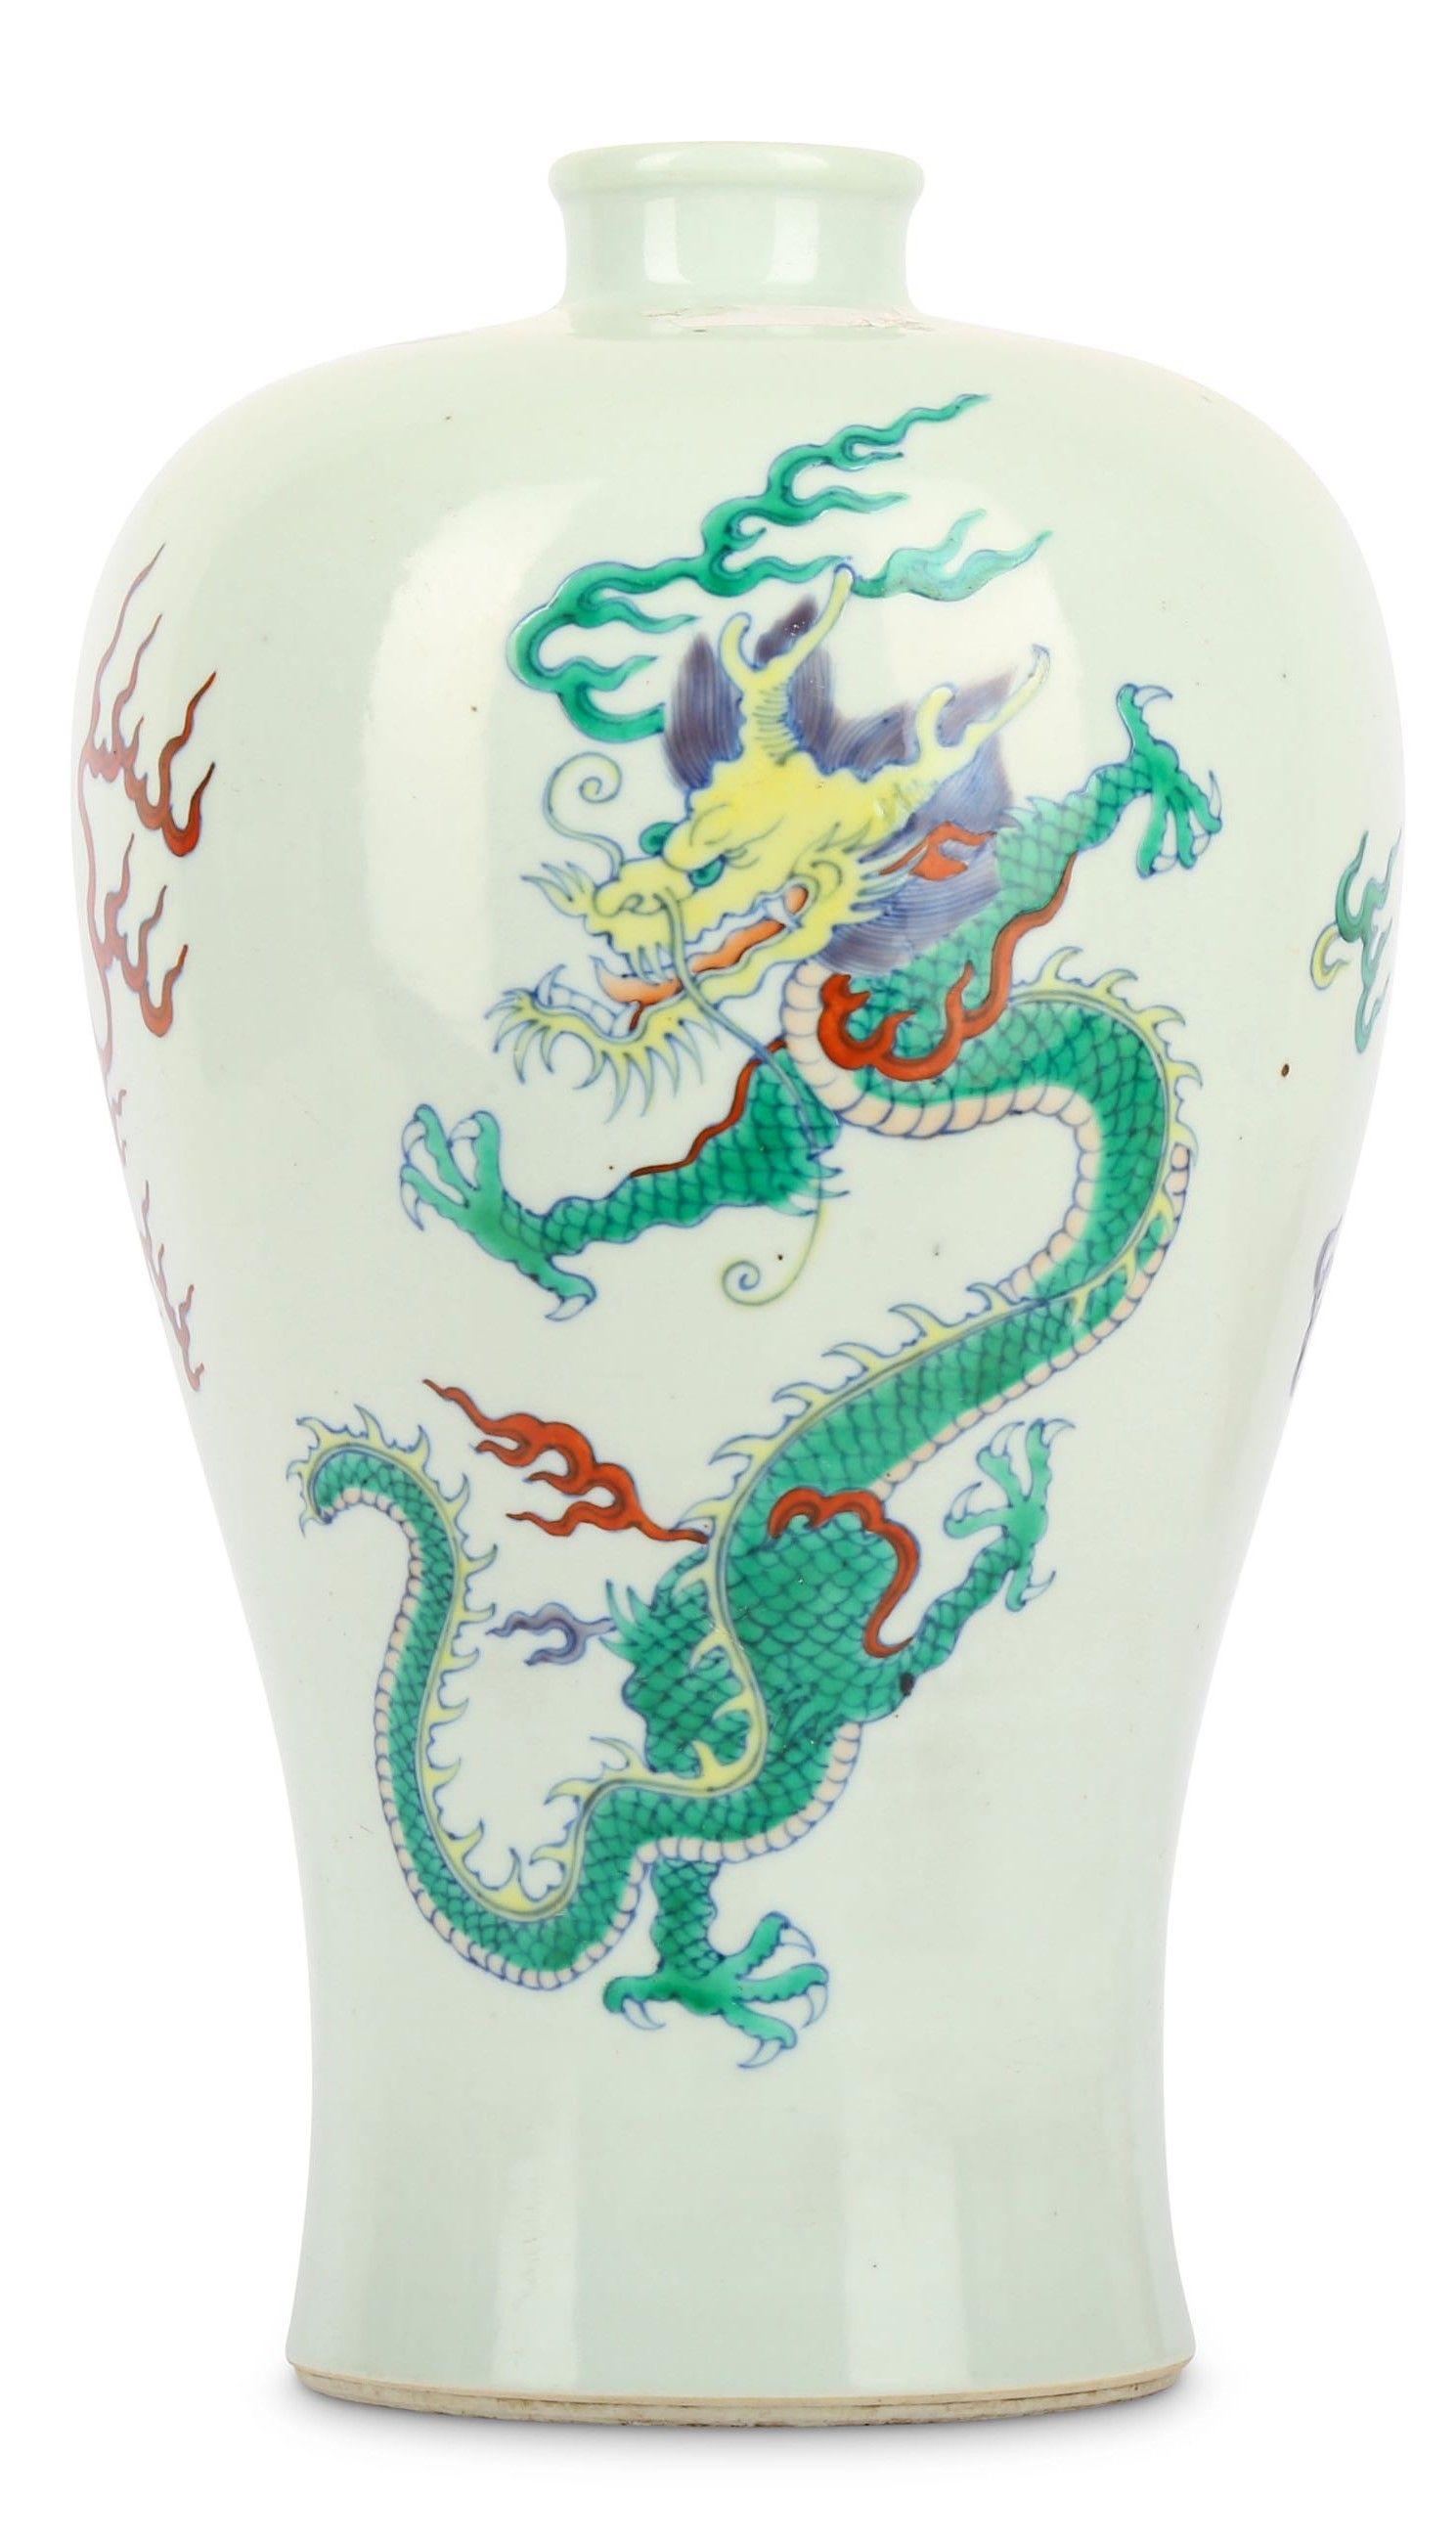 Doucai Dragon Meiping Vase | China | #dragon #dragons #art #antique #ceramic #ware #Jingdezhen #stoneware #porcelain #pottery #auction #history #poterie #céramique #sculpture #celadon #antiquité #brocante #stoneware #museum #sancai #nankin #dynasty #tang #ming #song #tong #yuan #Qianlong #qing #Cizhou #meiping #imperial #period #chine #drachen #drache #drago #Japan #meiji #satsuma #Shenlong #Tianlong #Qiulong #Panlong #longshan #ryū #龍 #竜 #龙